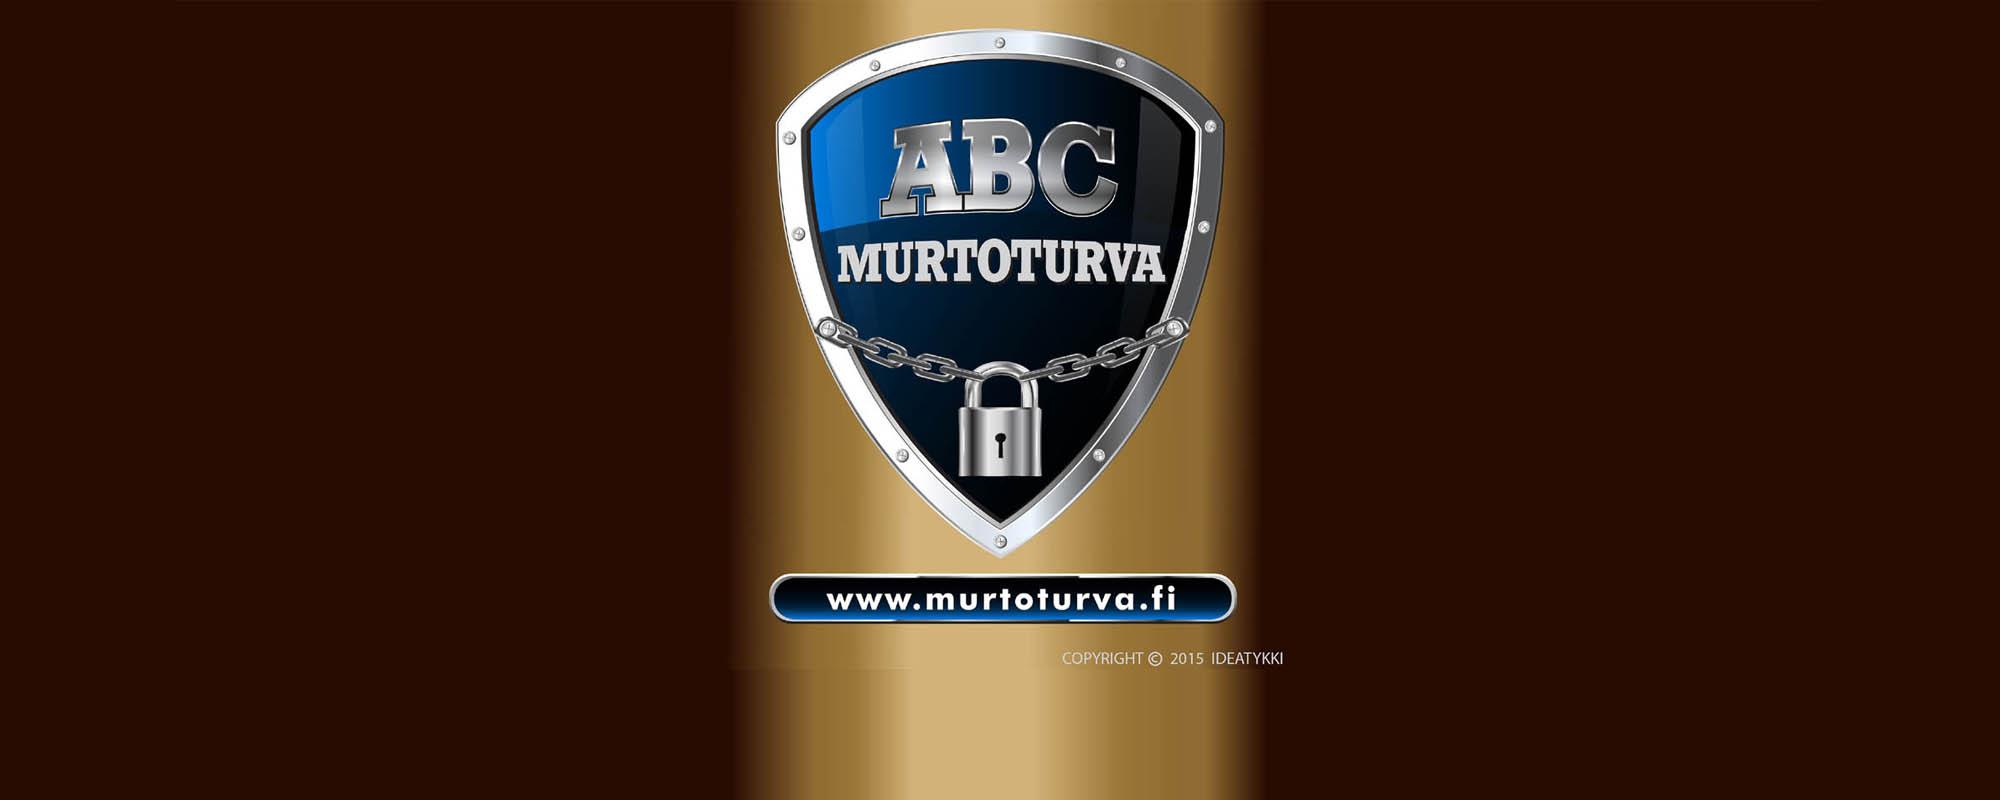 Murtoturva.fi